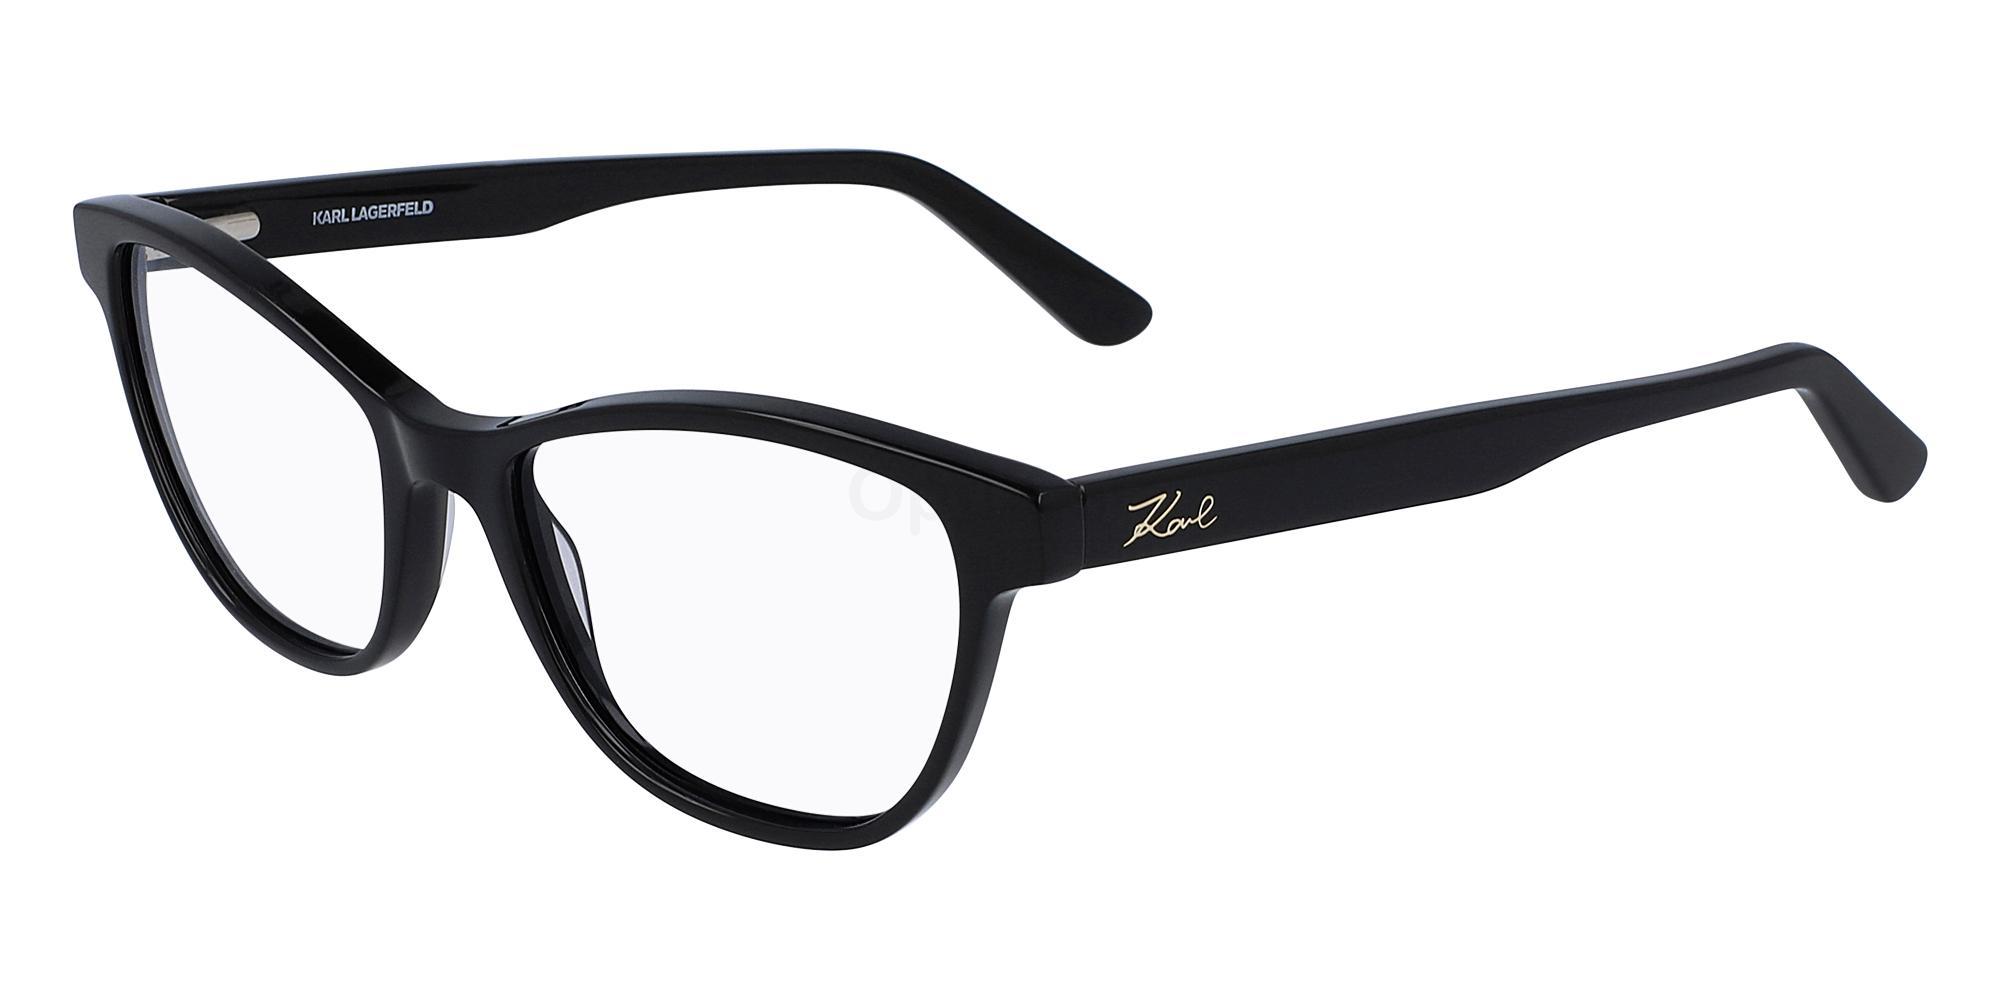 001 KL992 Glasses, Karl Lagerfeld